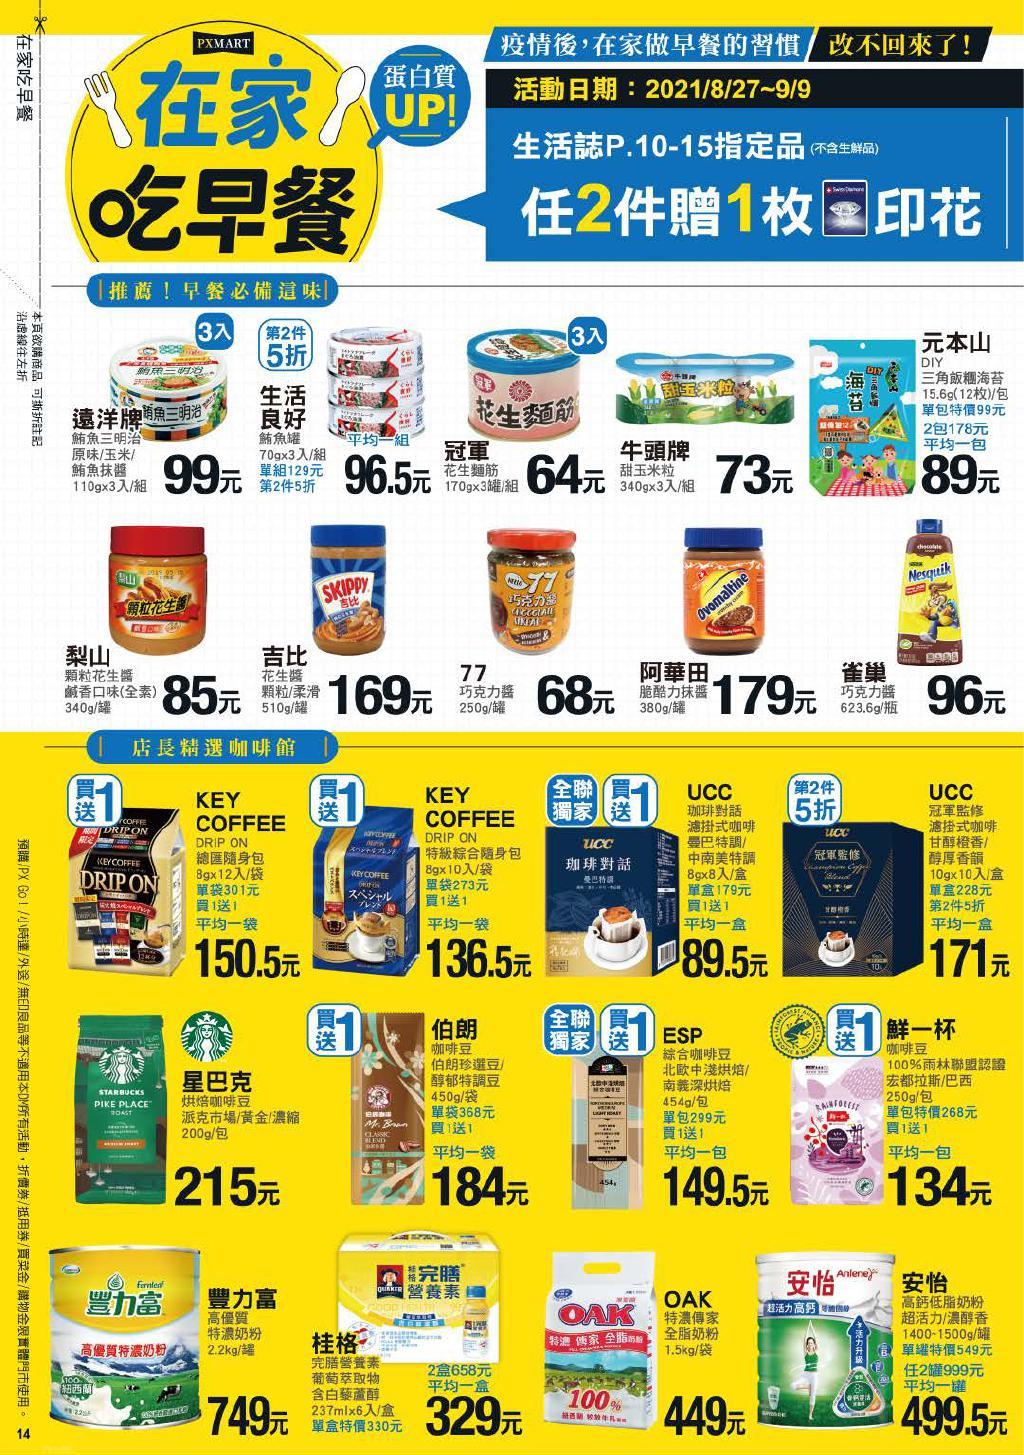 pxmart20210909_000014.jpg